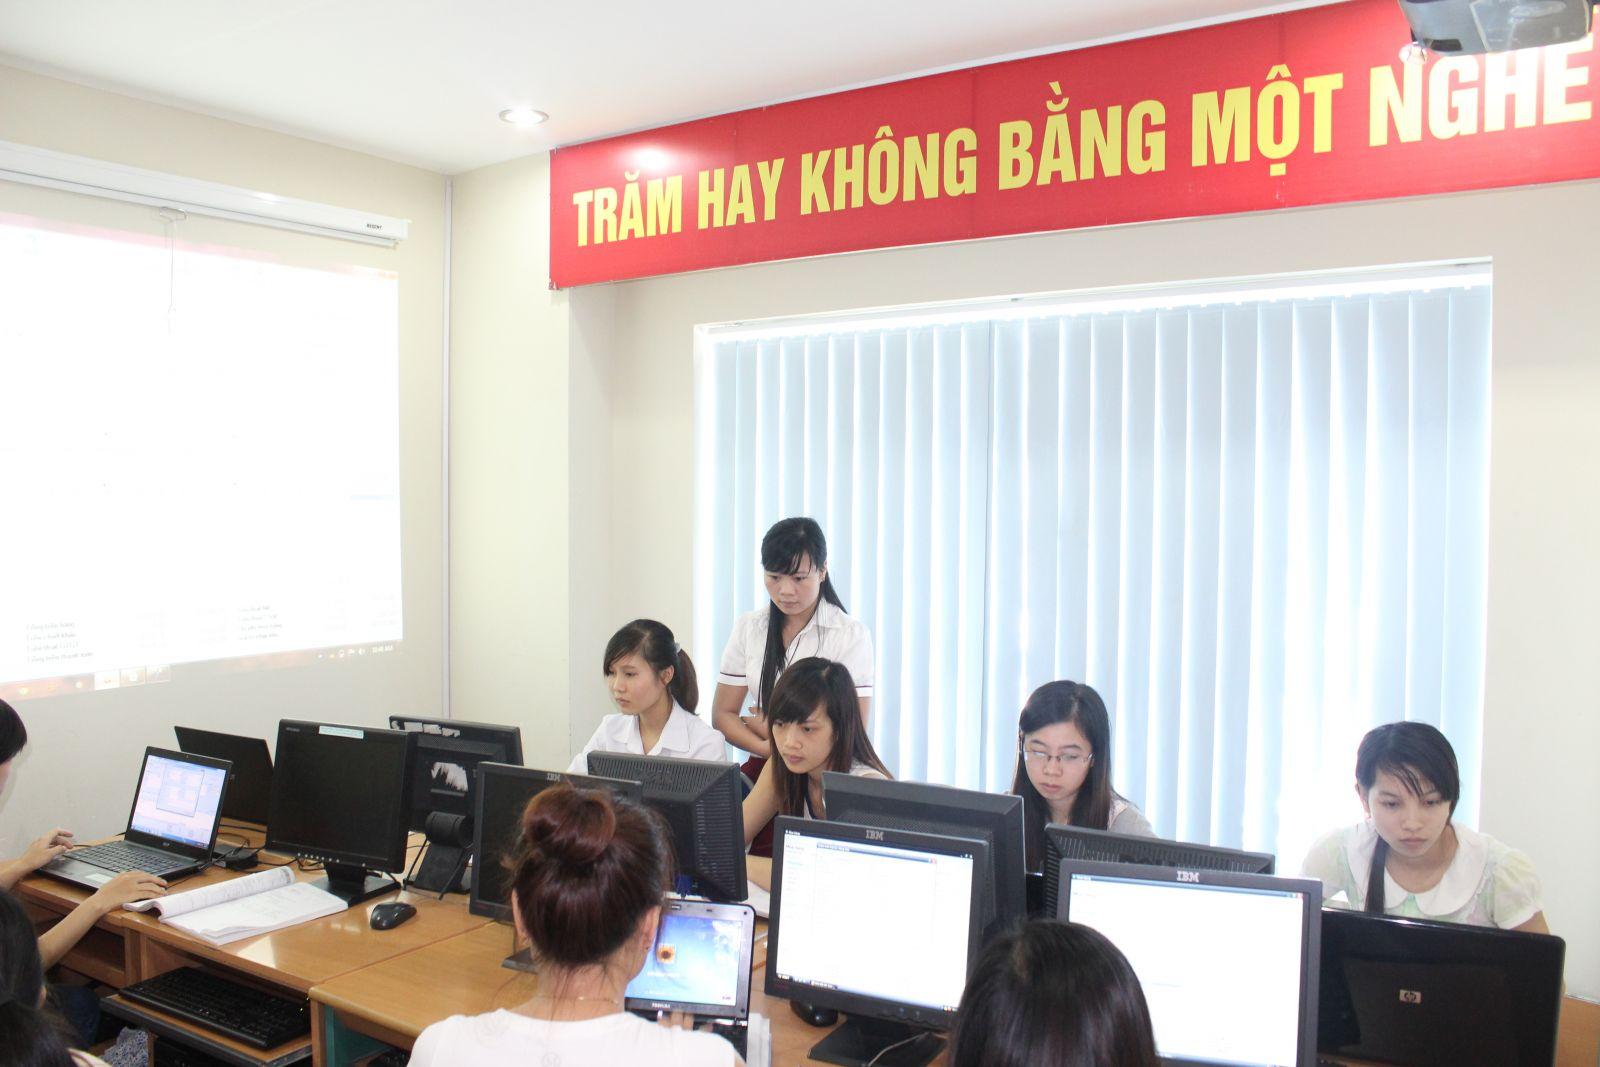 Hình ảnh lớp học thực hành tại Trung tâm kế toán Hà Nội